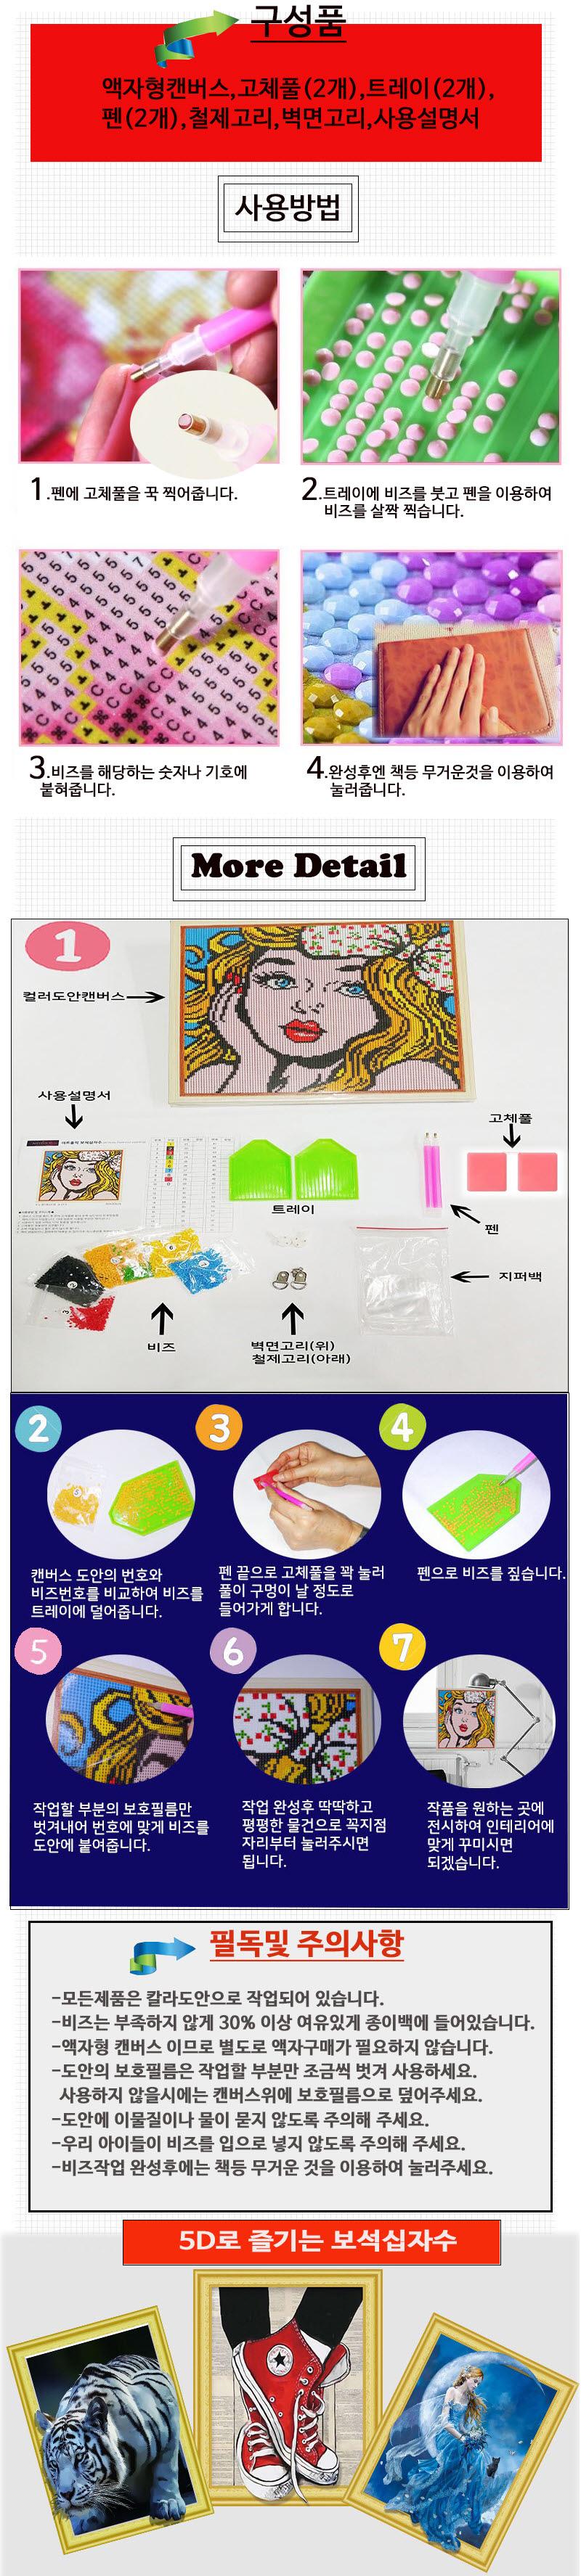 (5D보석십자수)SGA0429행복한일상 size 40x50cm - 피포페인팅, 32,500원, 비즈공예, 비즈공예 패키지